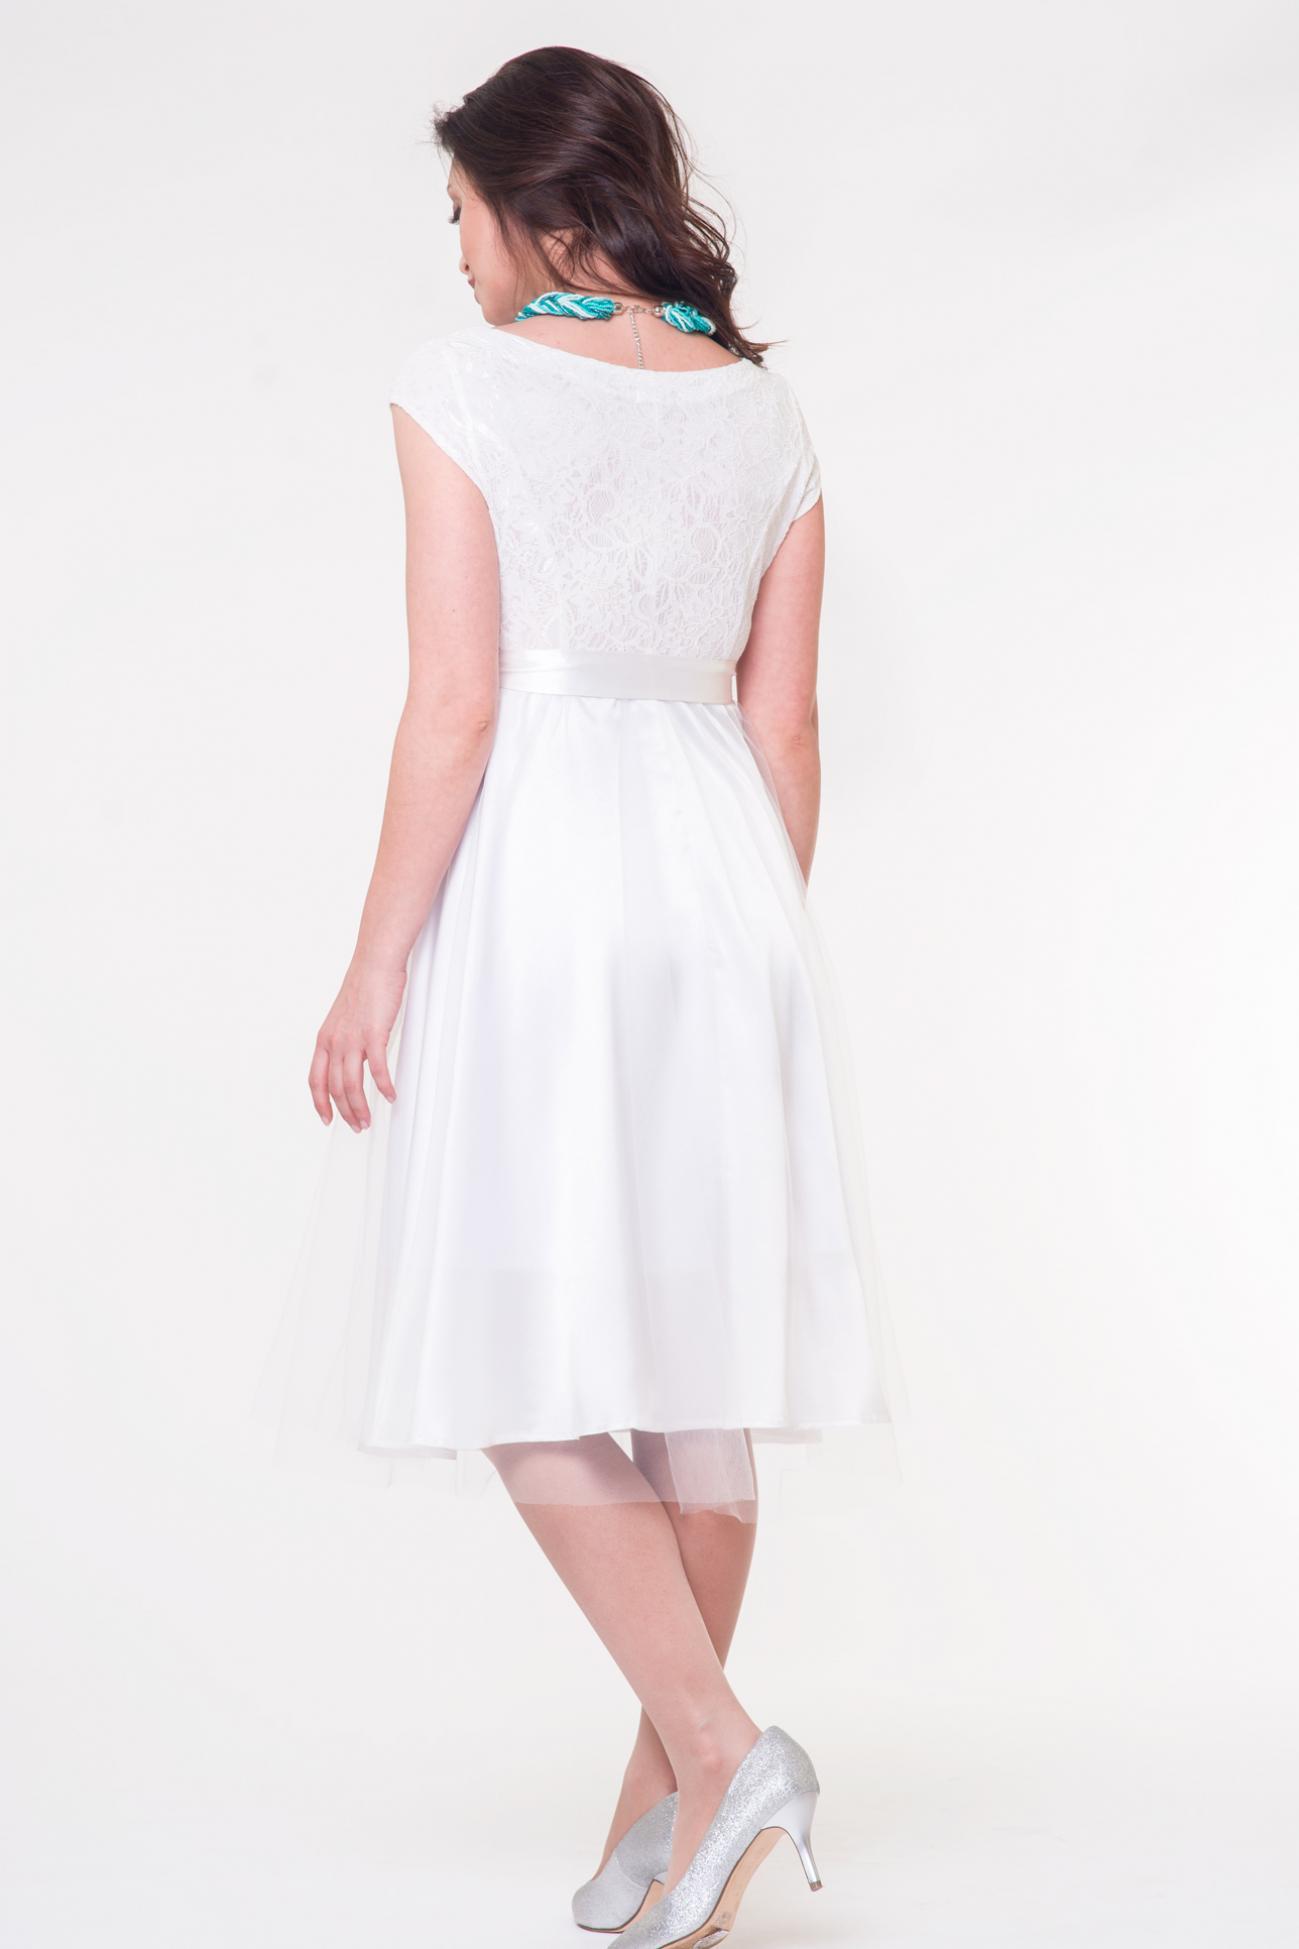 купить платье для беременных в интернет магазине